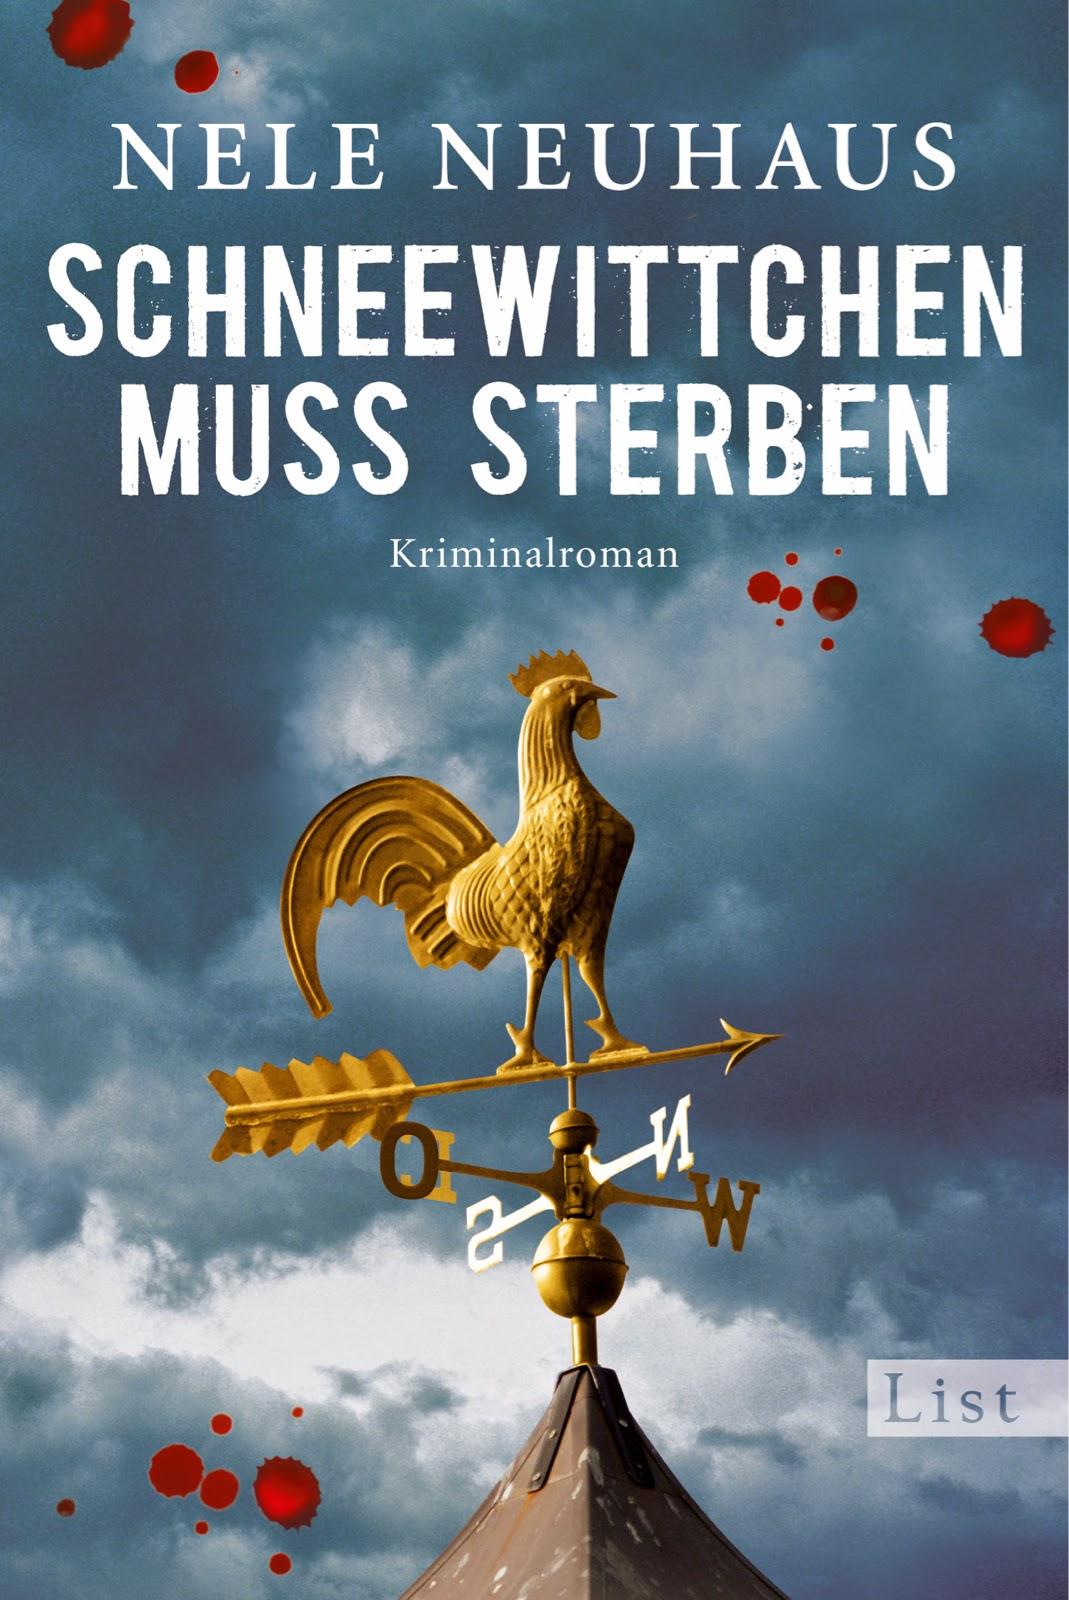 http://lasszeilensprechen.blogspot.com/2015/03/schneewittchen-muss-sterben-nele-neuhaus.html